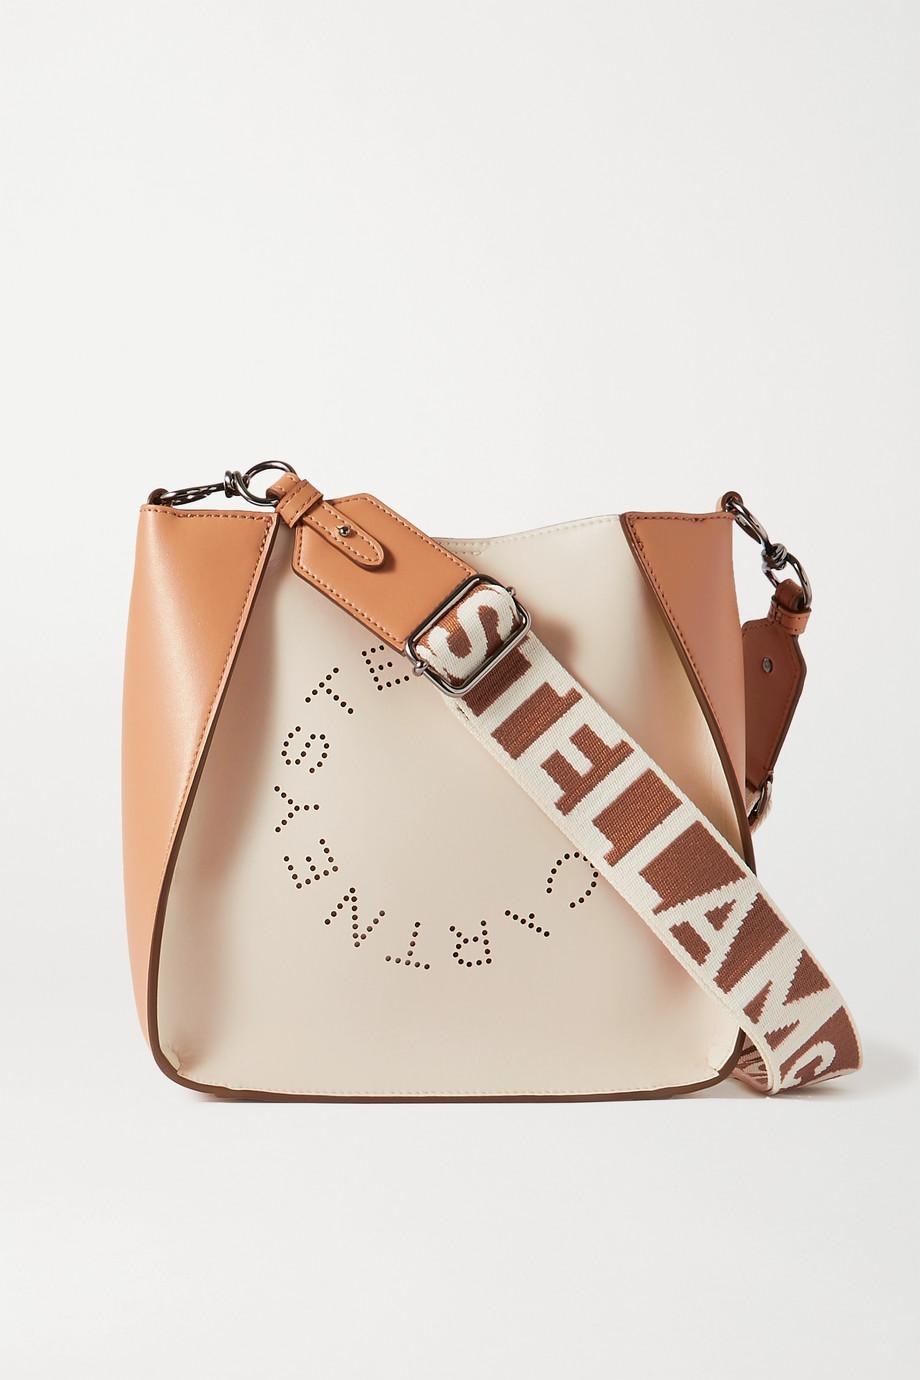 Stella McCartney Mini zweifarbige Schultertasche aus Kunstleder mit Perforationen